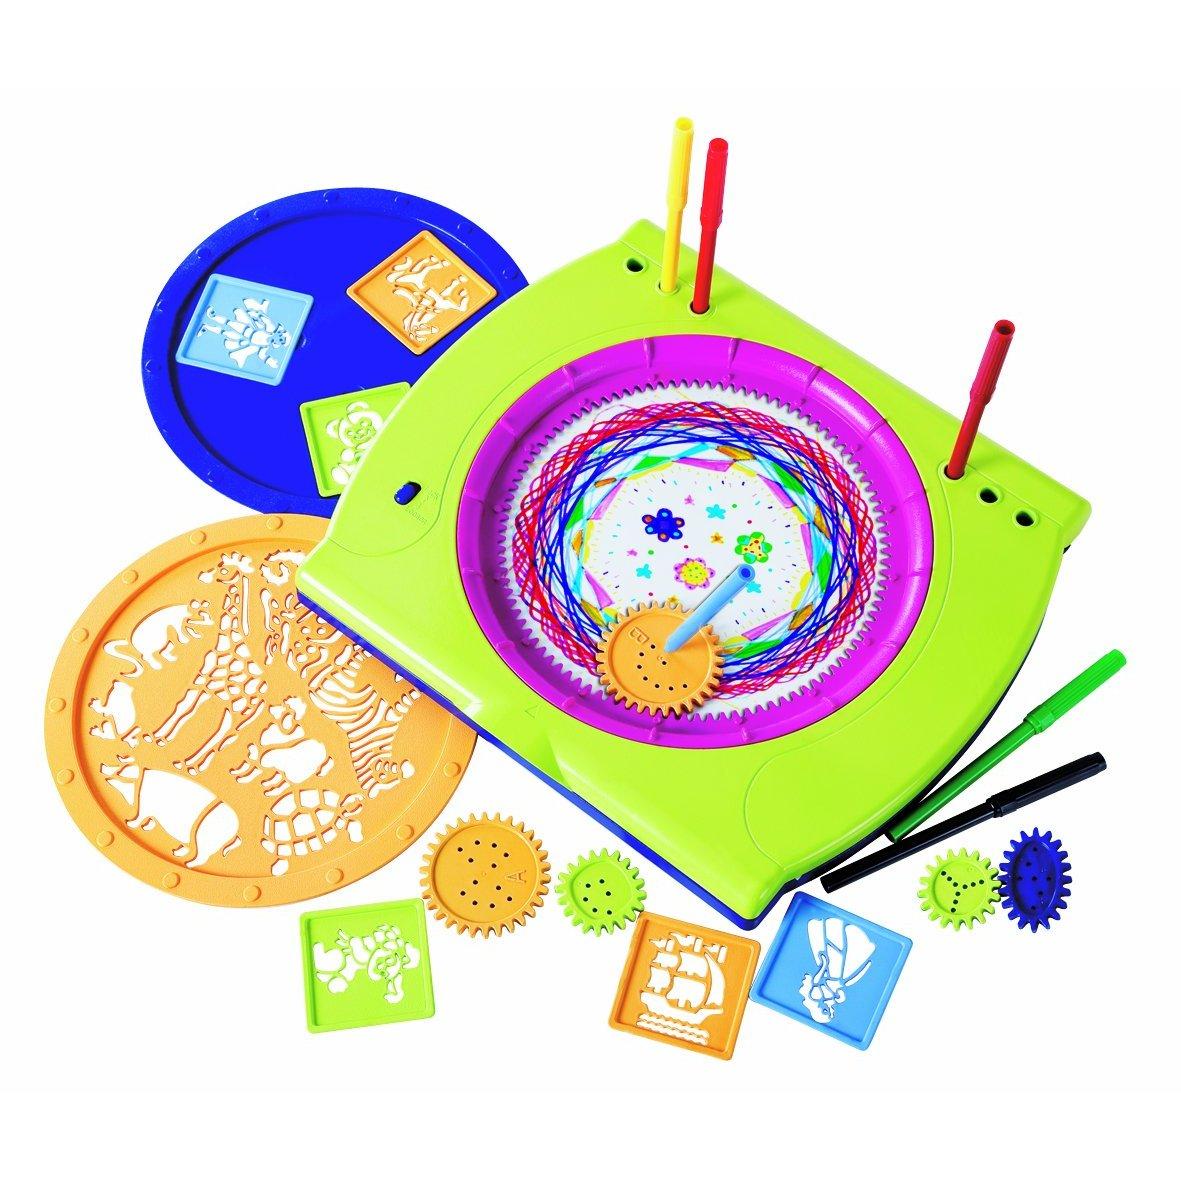 Игровой набор для рисования PlayGo (ПлейГо)